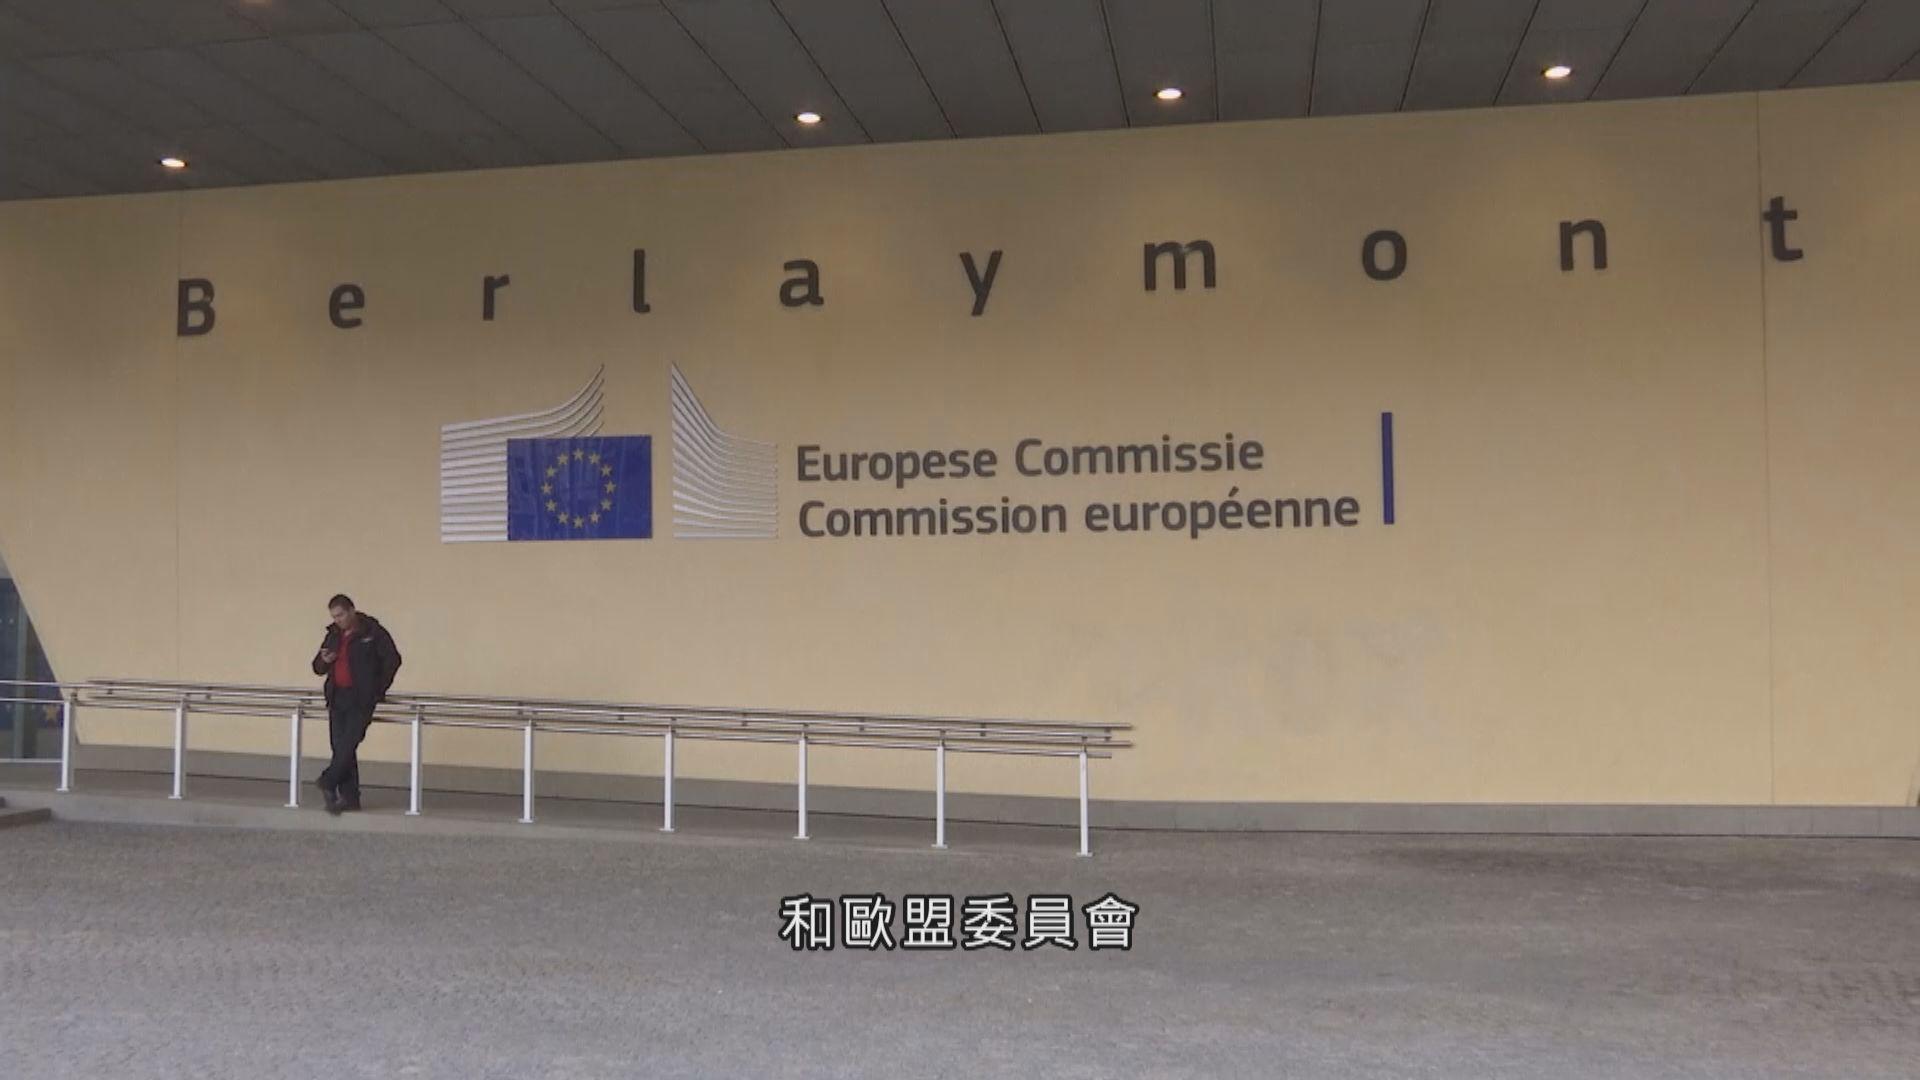 政治力量「碎片化」加劇 歐盟前景更混亂